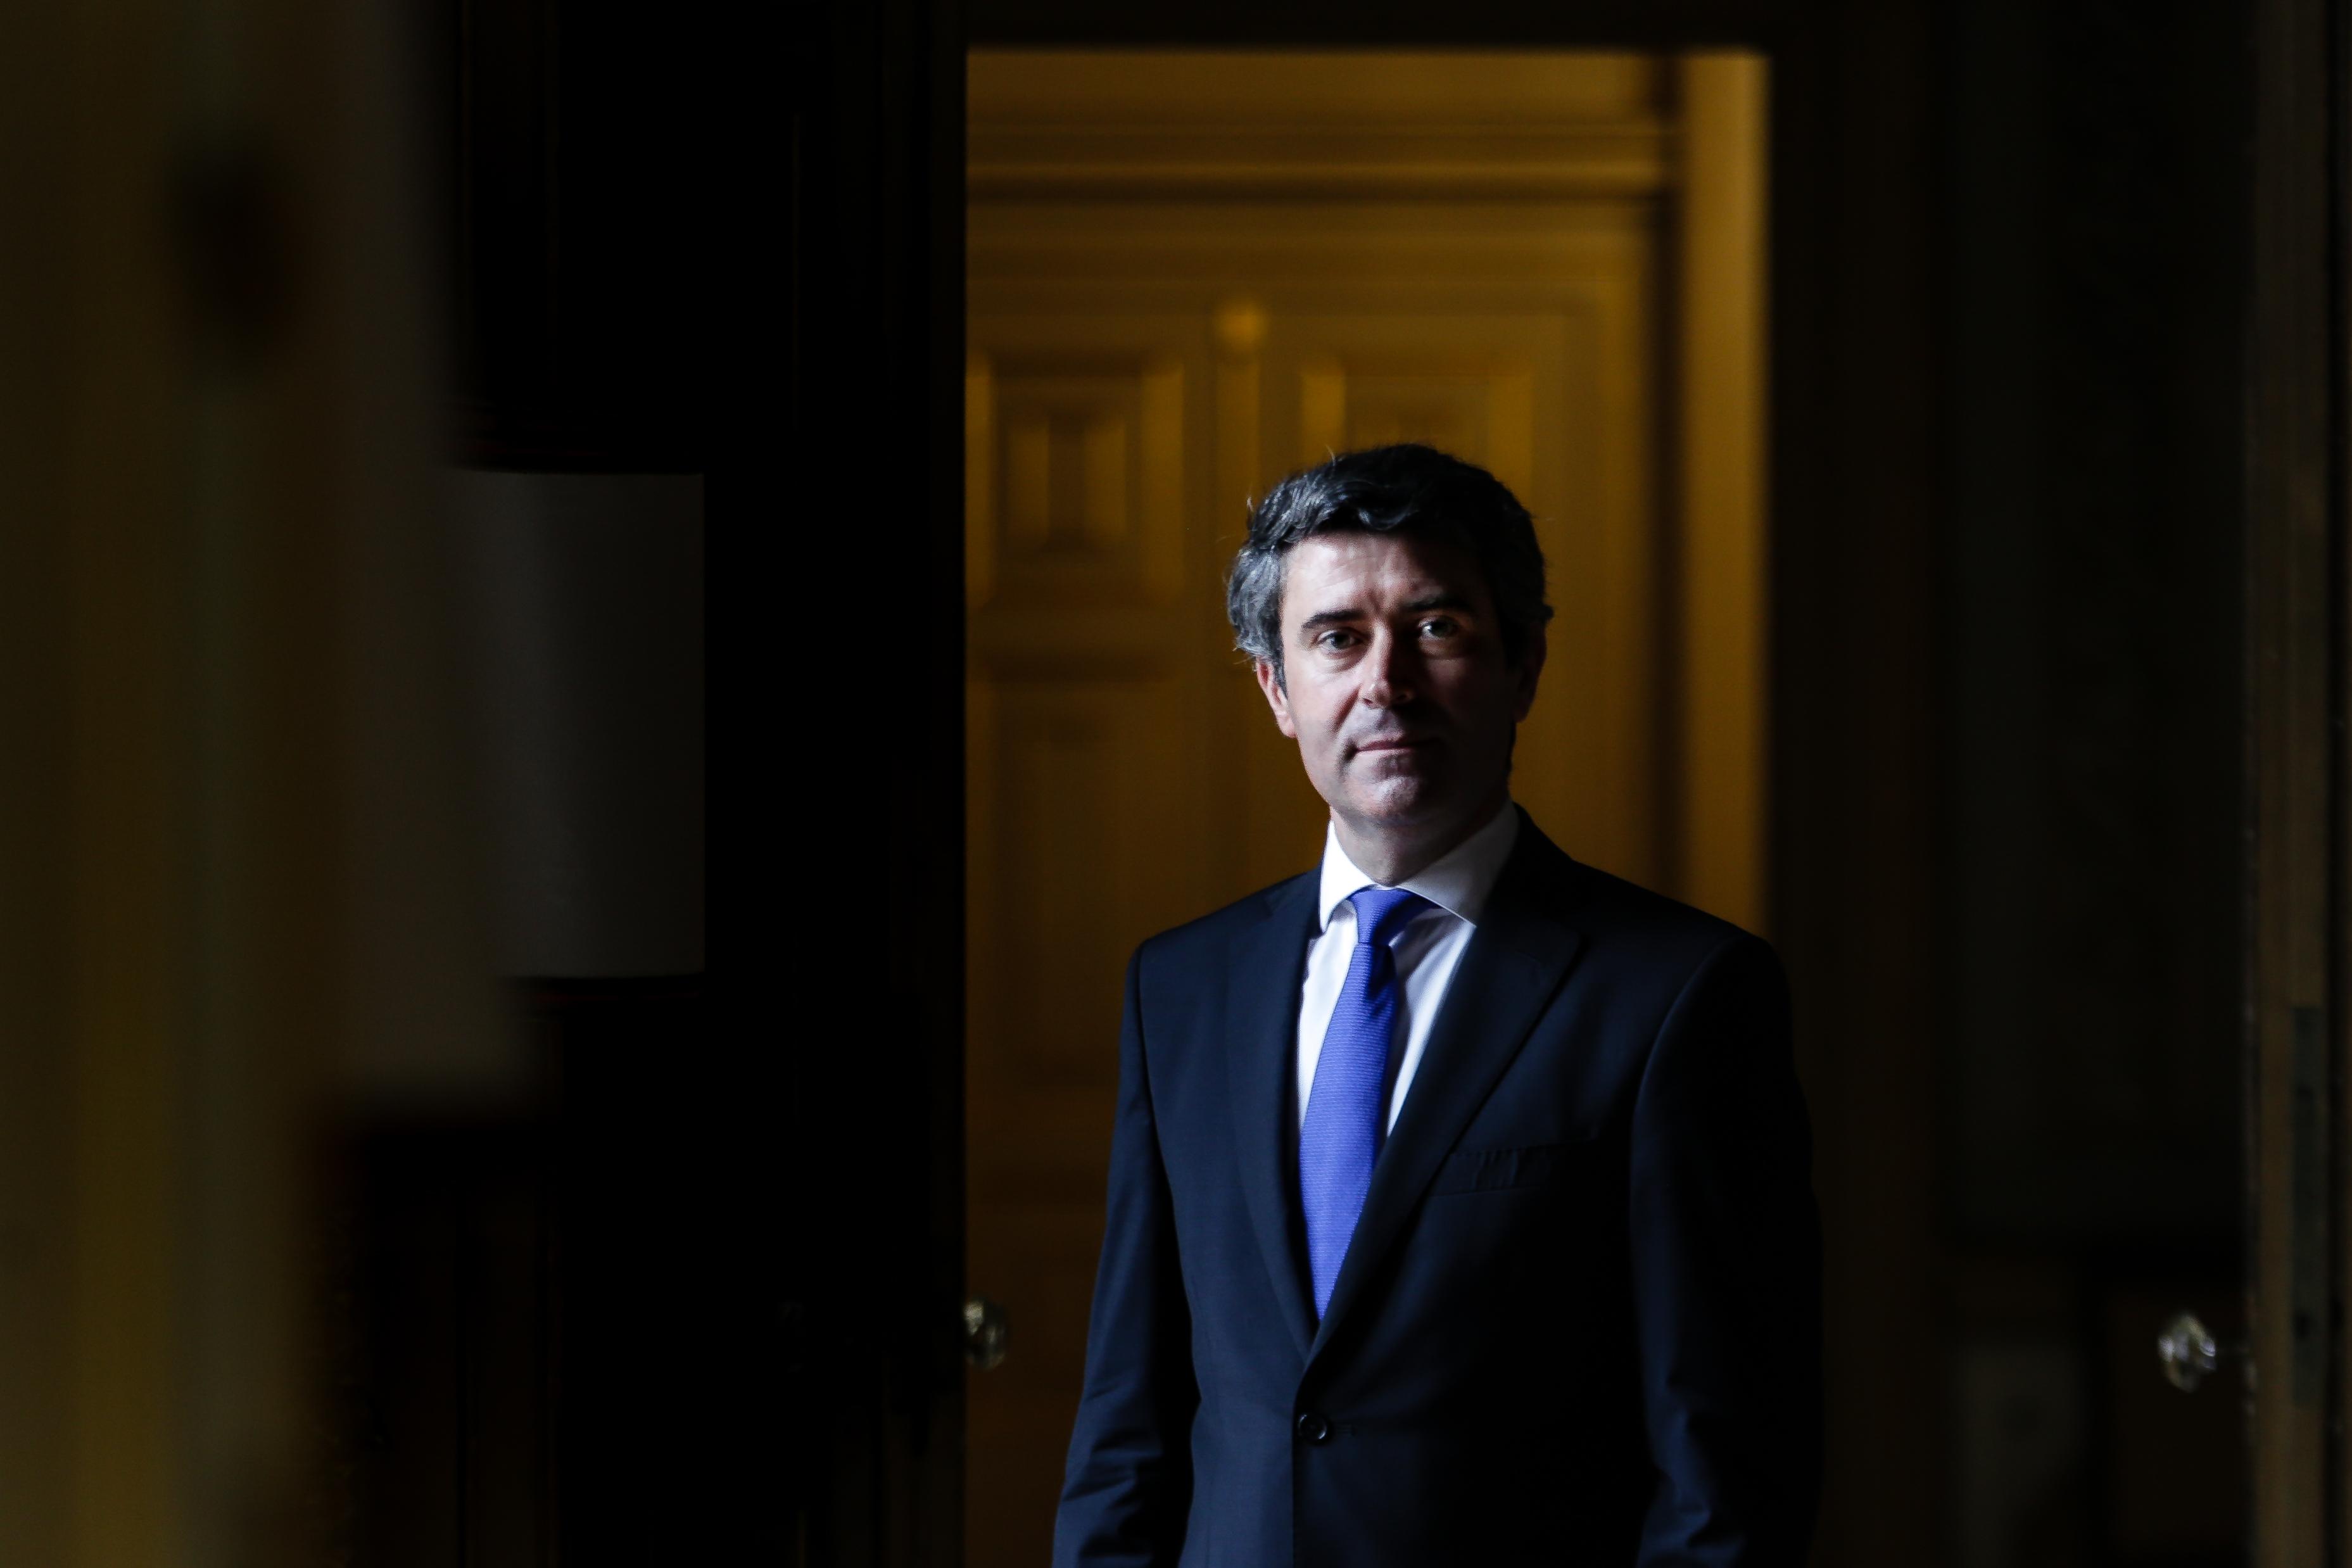 Governo português pede esclarecimentos sobre caso de português morto pela polícia em França